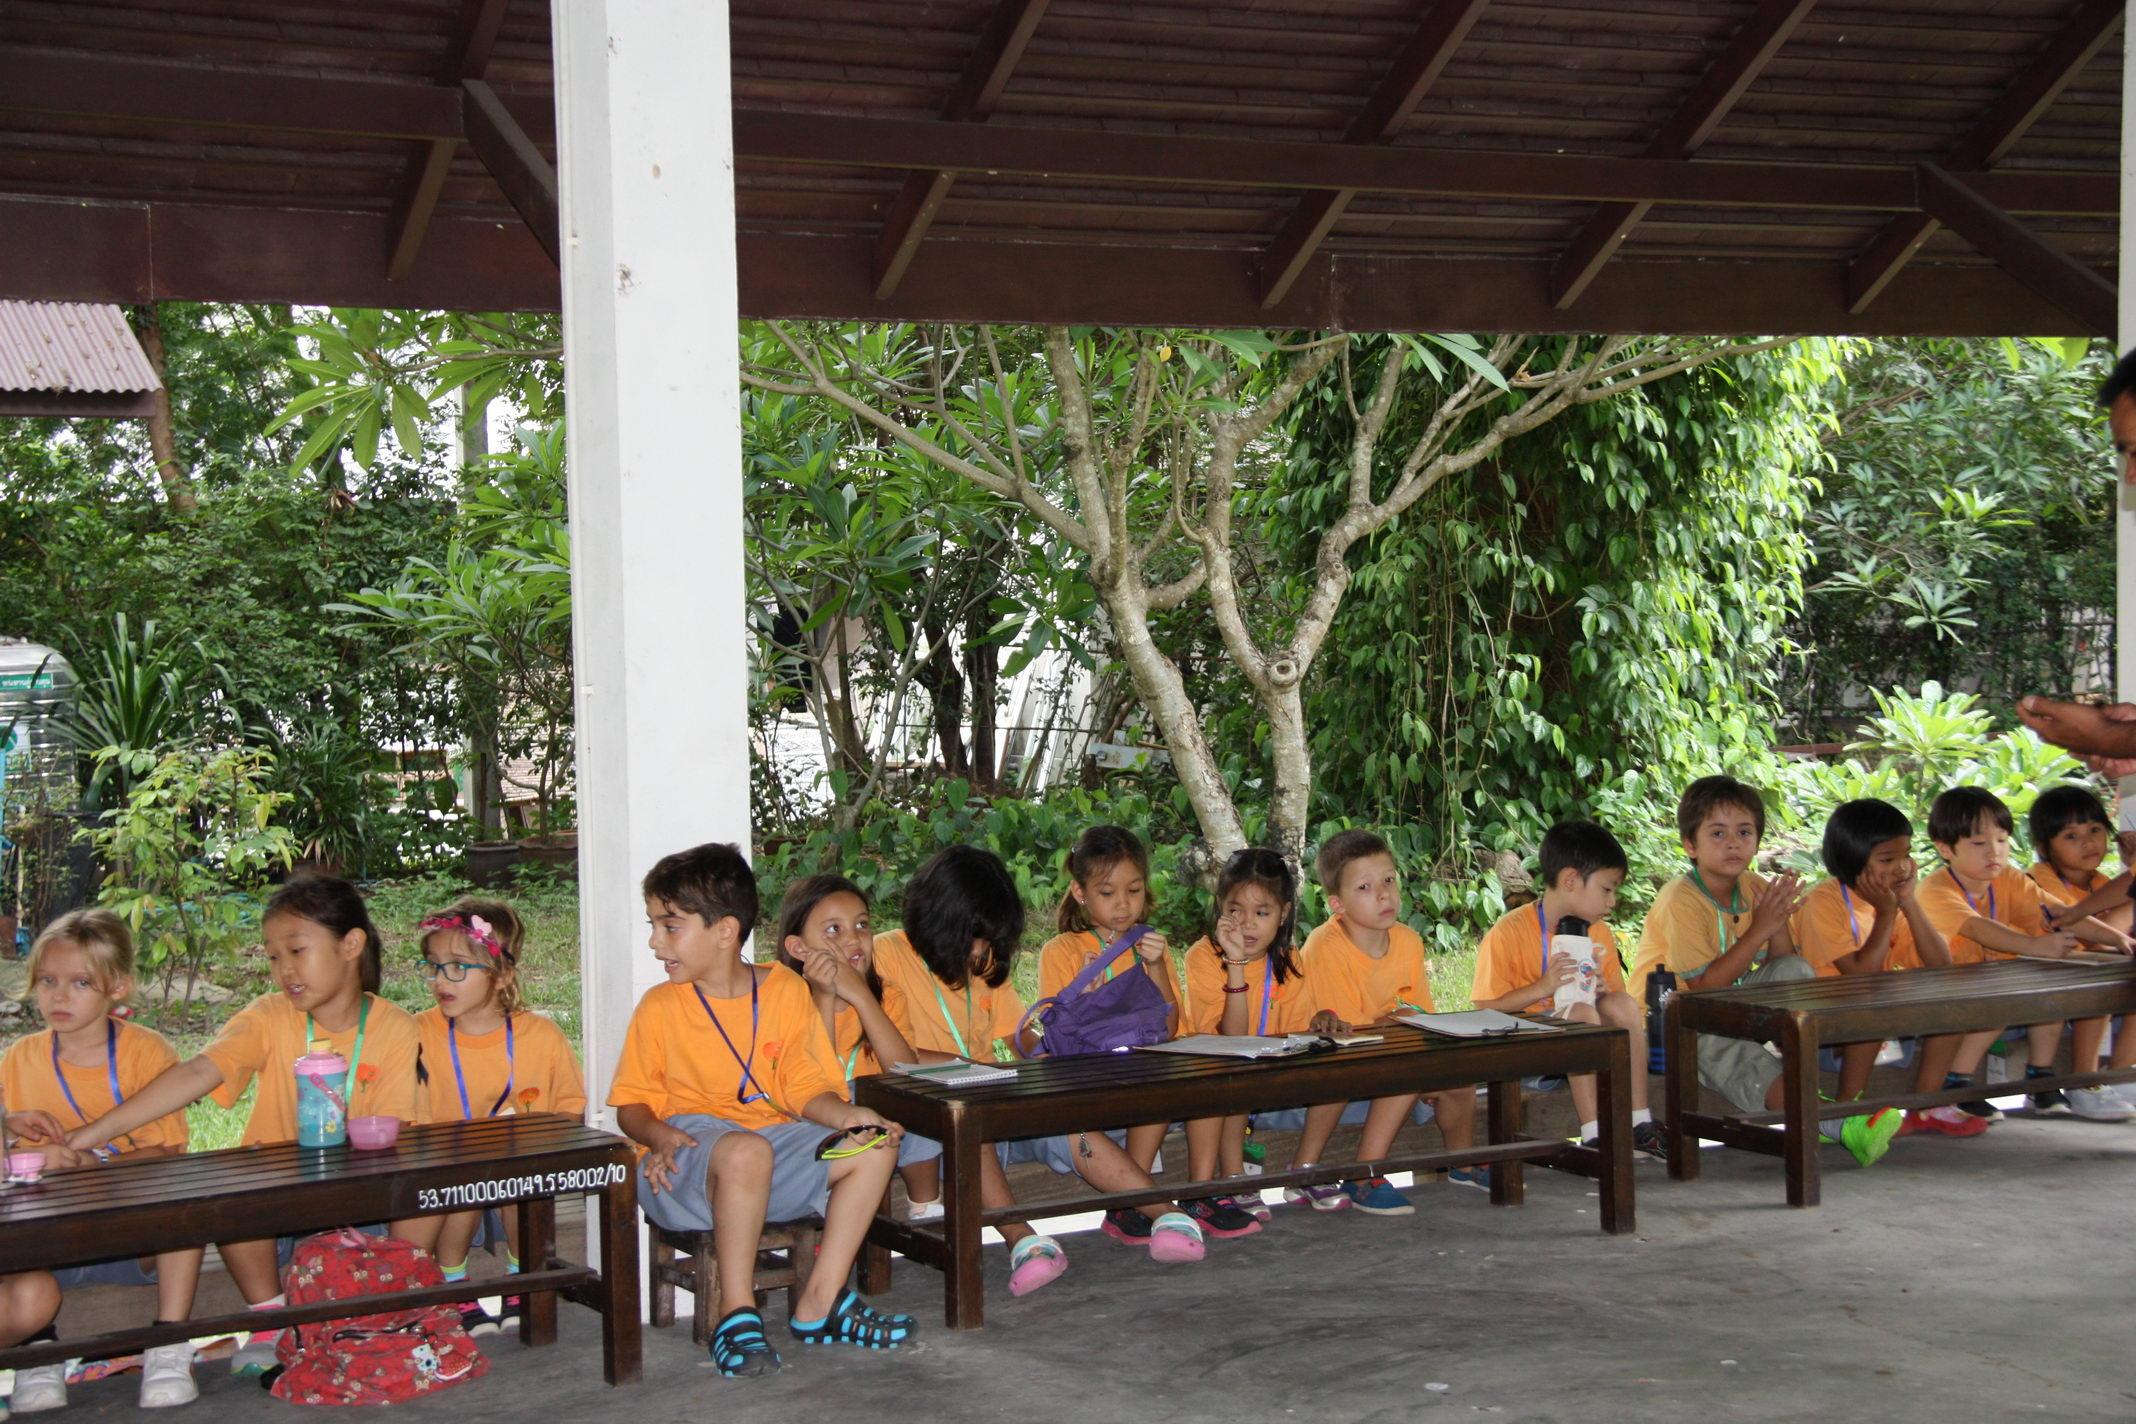 ให้การต้อนรับคณะครูและนักเรียนจากโรงเรียนนานาชาติปัญญาเด่น